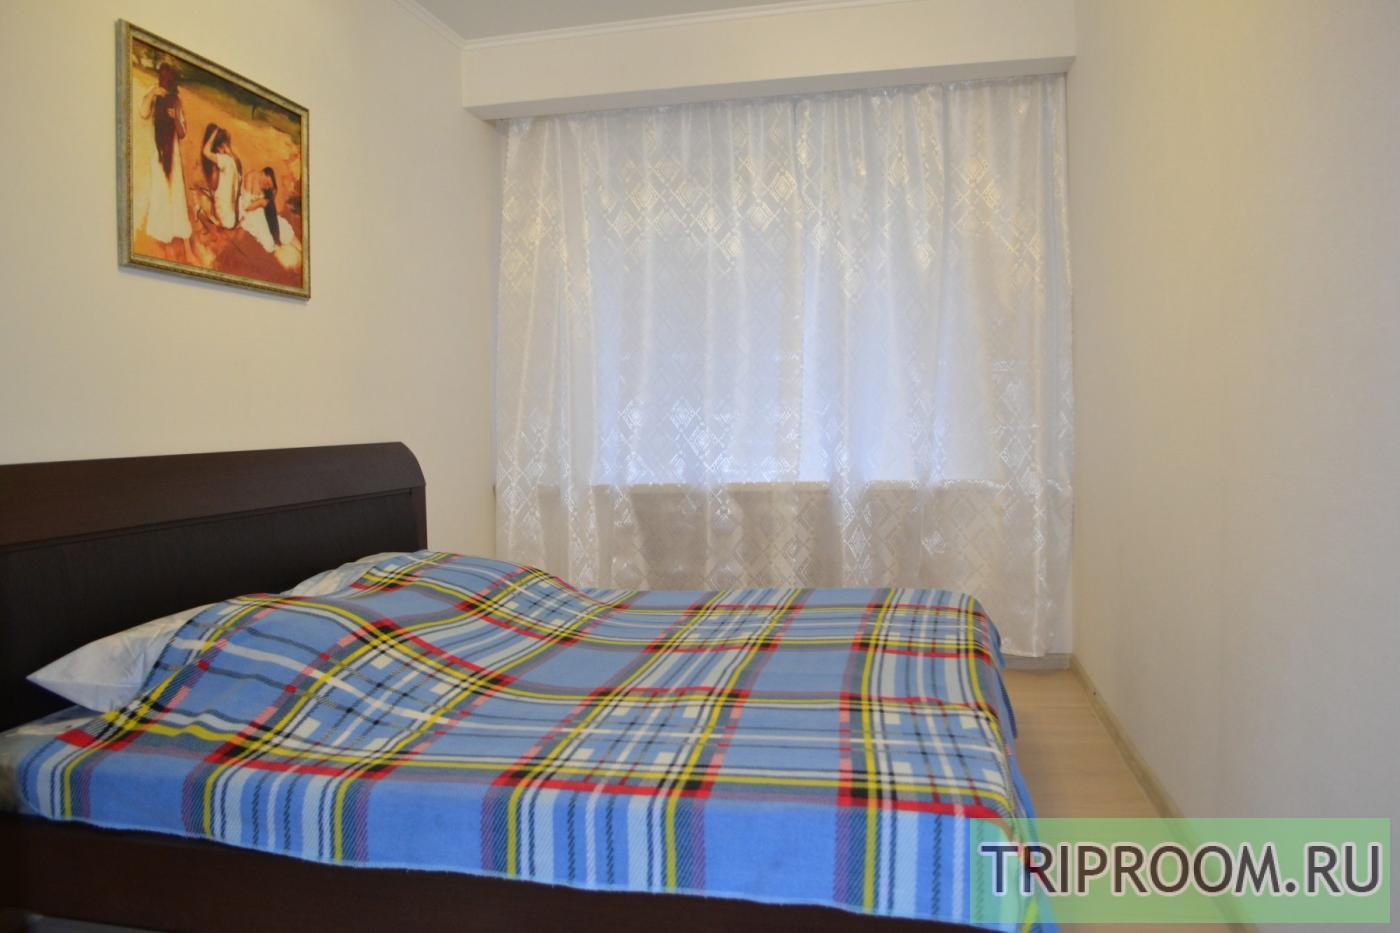 3-комнатная квартира посуточно (вариант № 5725), ул. Тимирязева улица, фото № 6